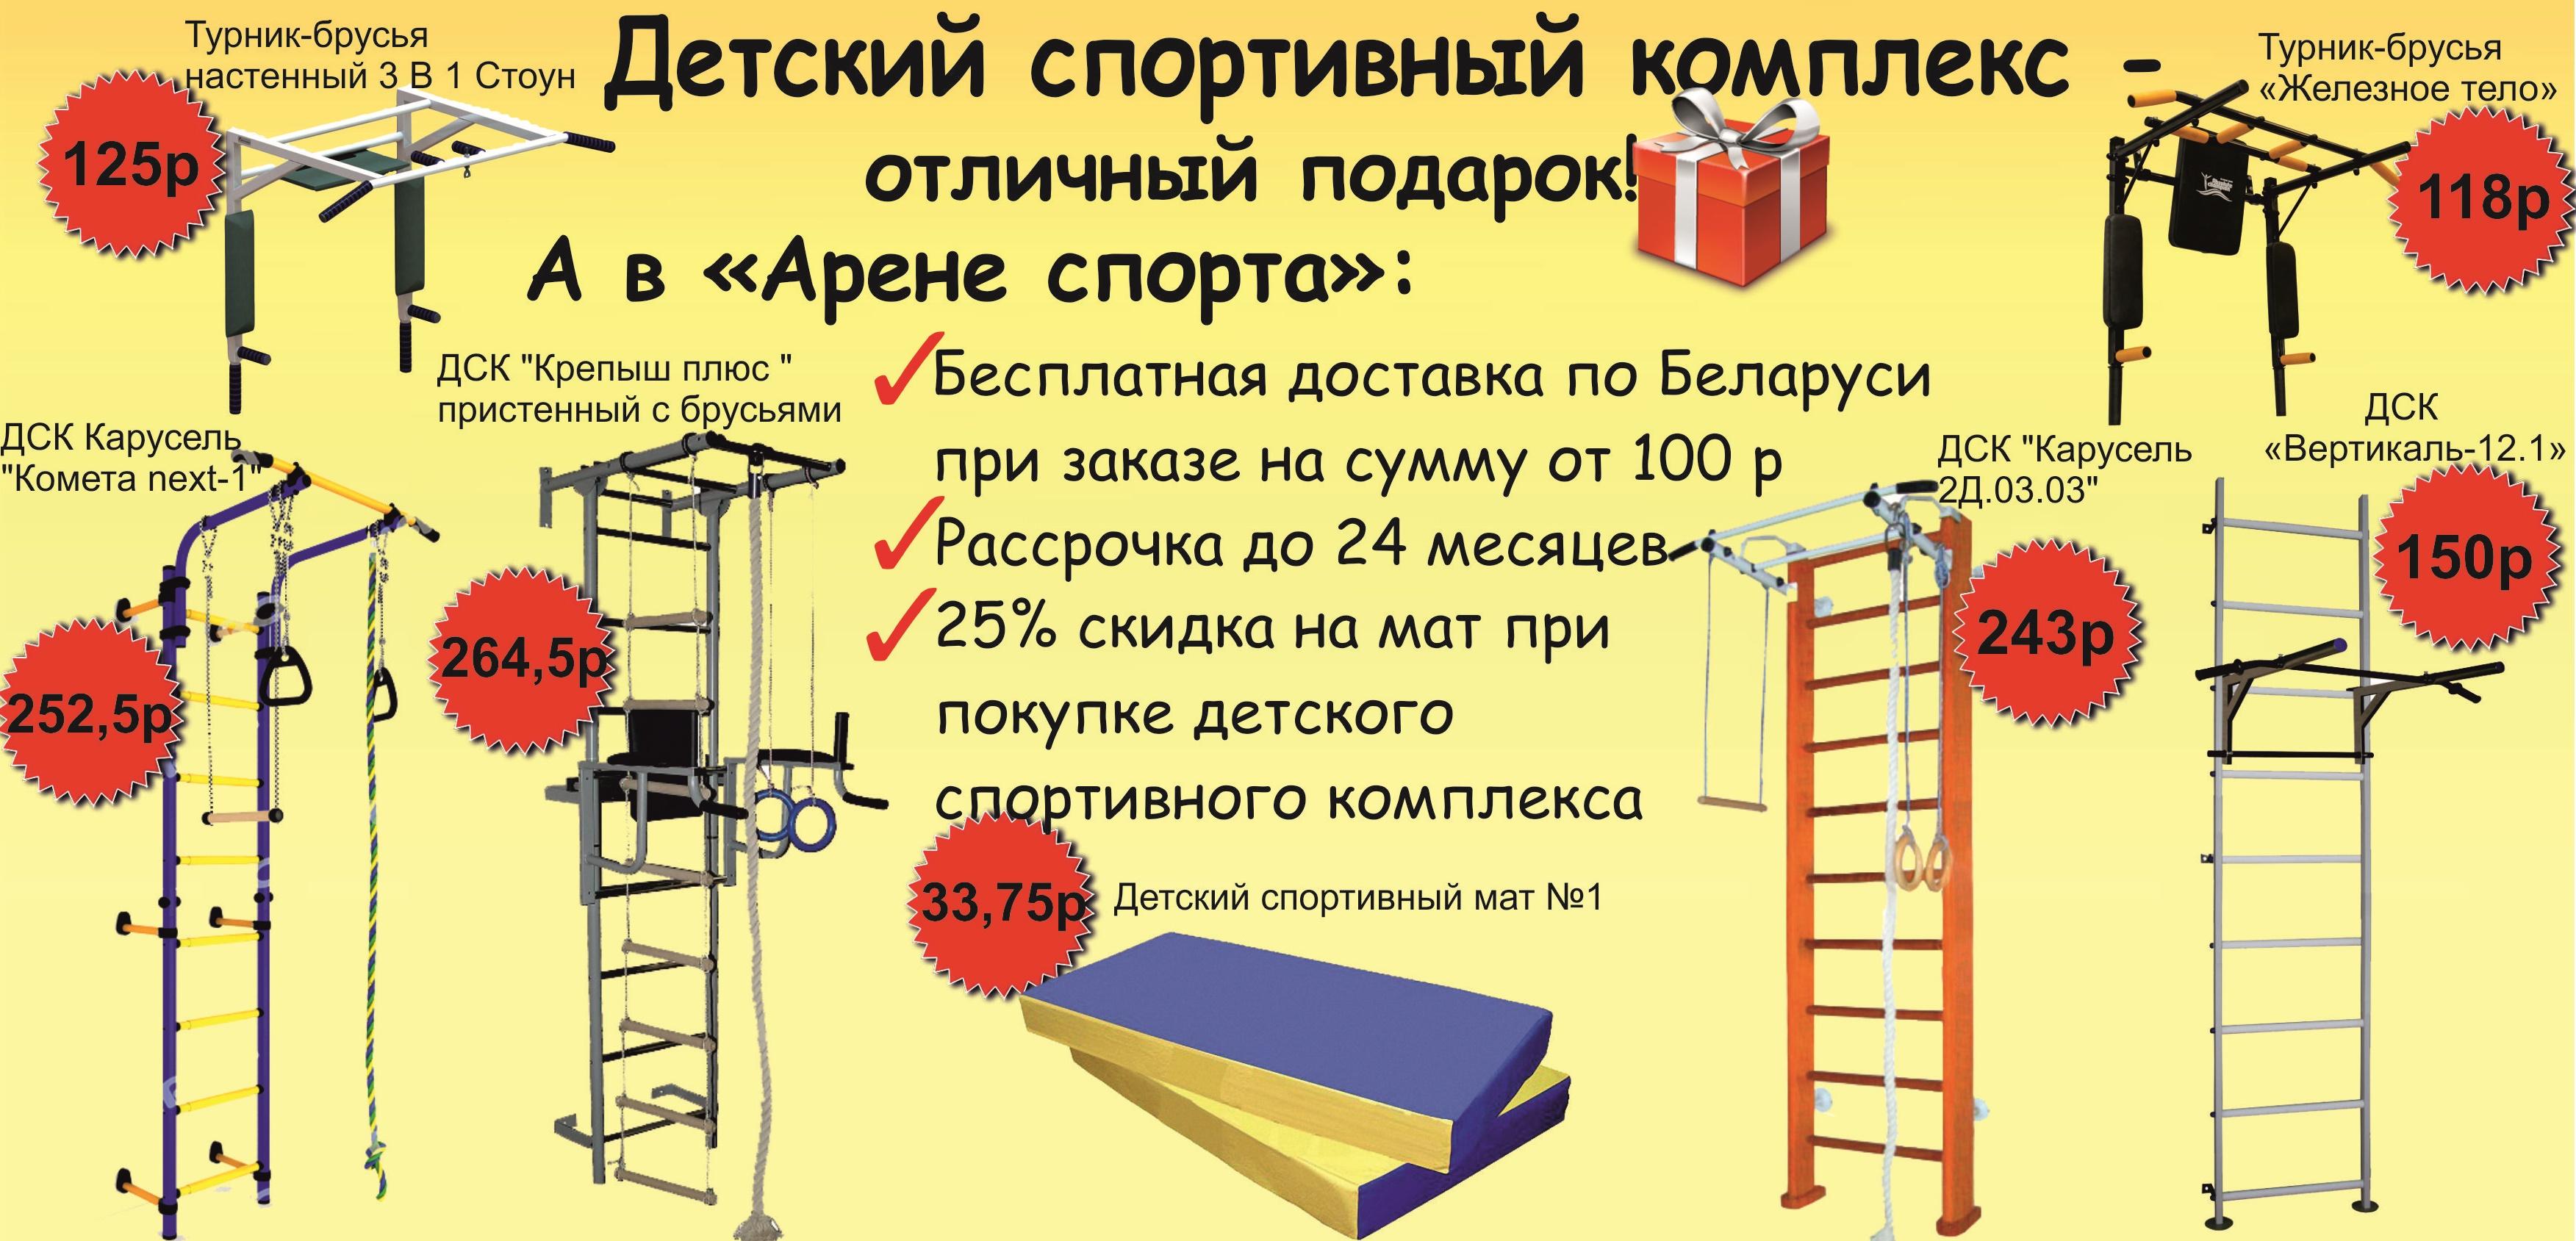 http://arena-sporta.by/catalog/detskie-sportivnye-kompleksy/dsk-dlya-doma